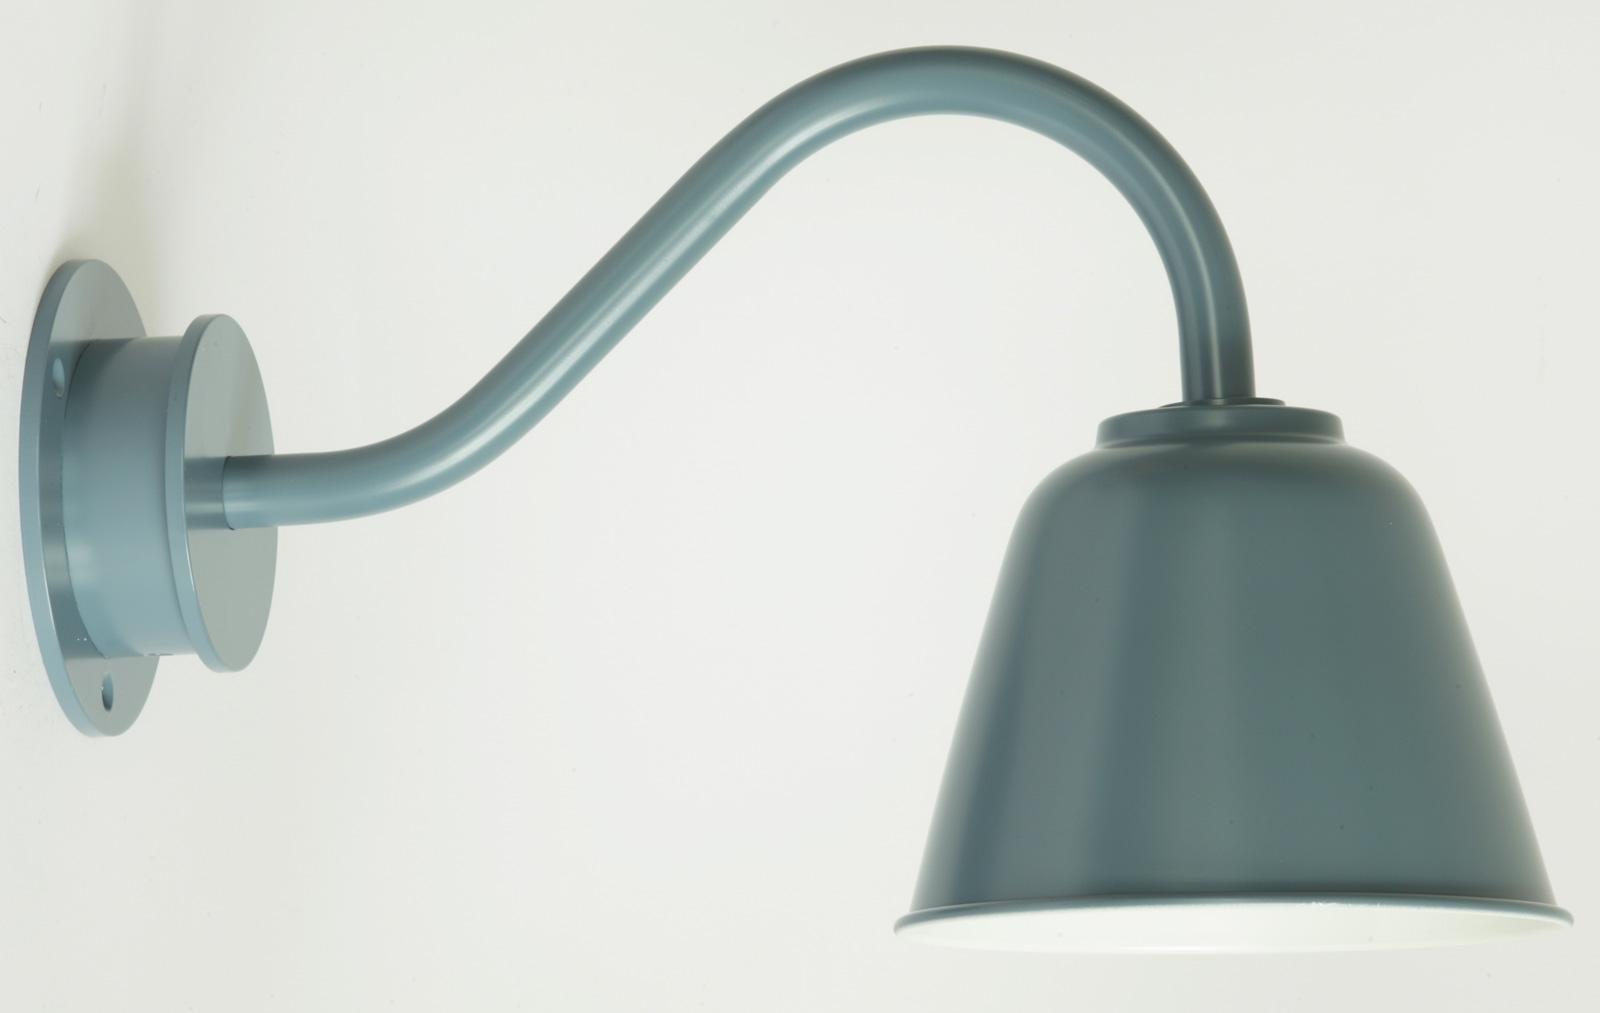 dnische lampen designer dnische lampen louis poulsen designer leuchten bei ges licht erleben. Black Bedroom Furniture Sets. Home Design Ideas